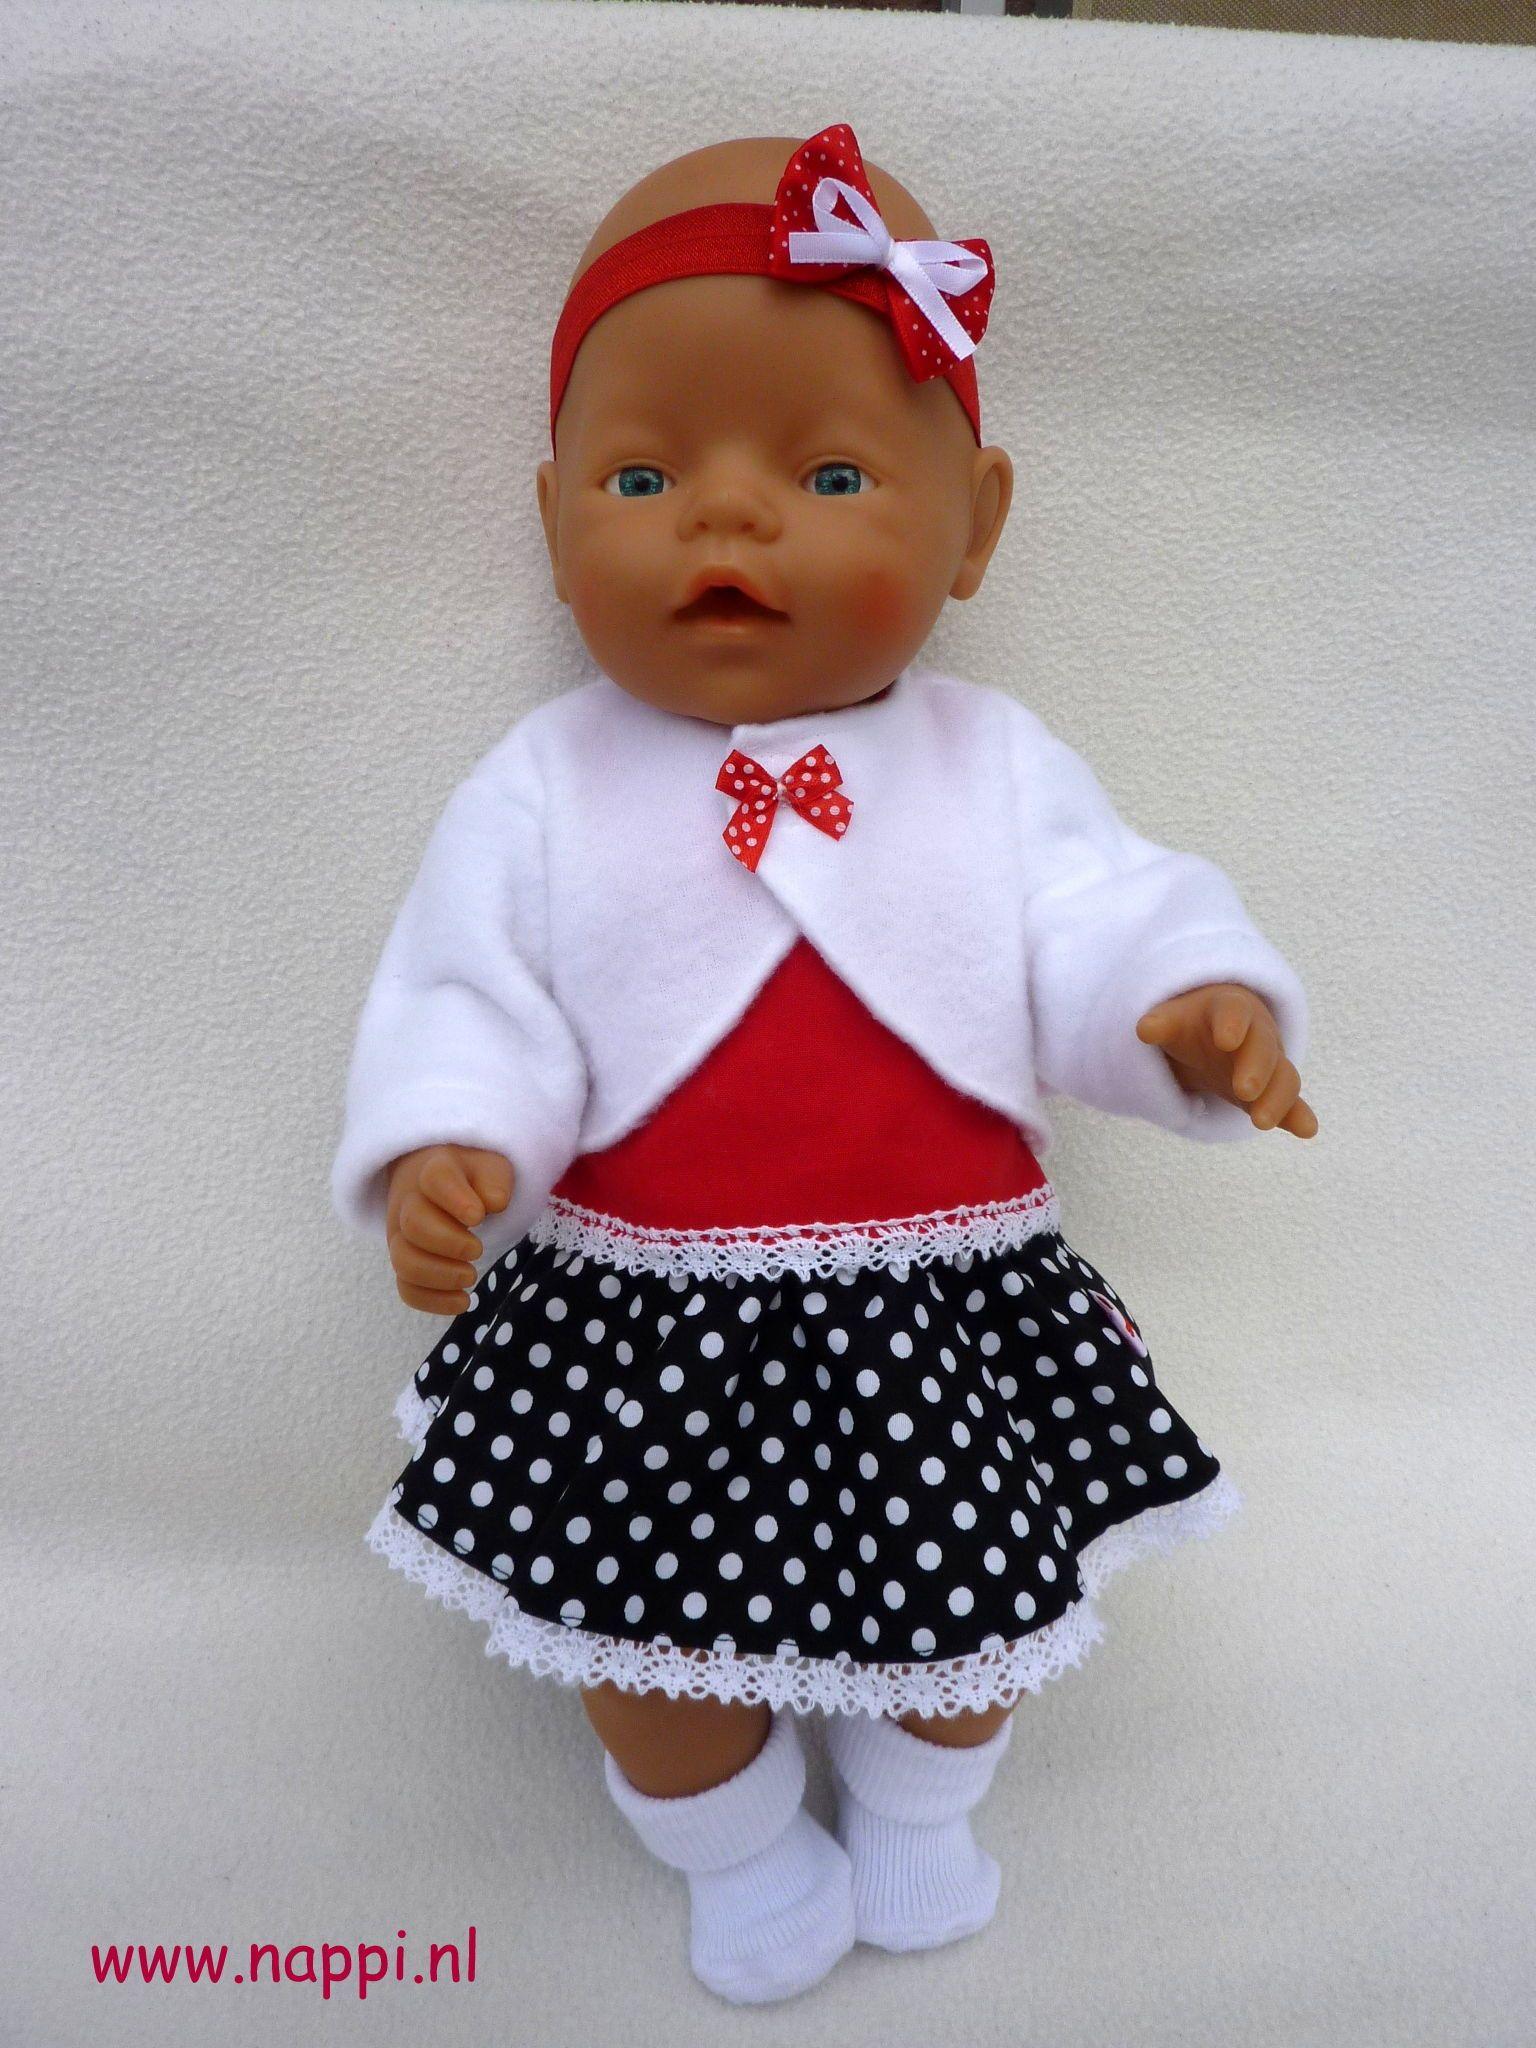 Zomerkleding / Baby Born 43 cm | Nappi.nl Eigen ontwerp | Panenky ...